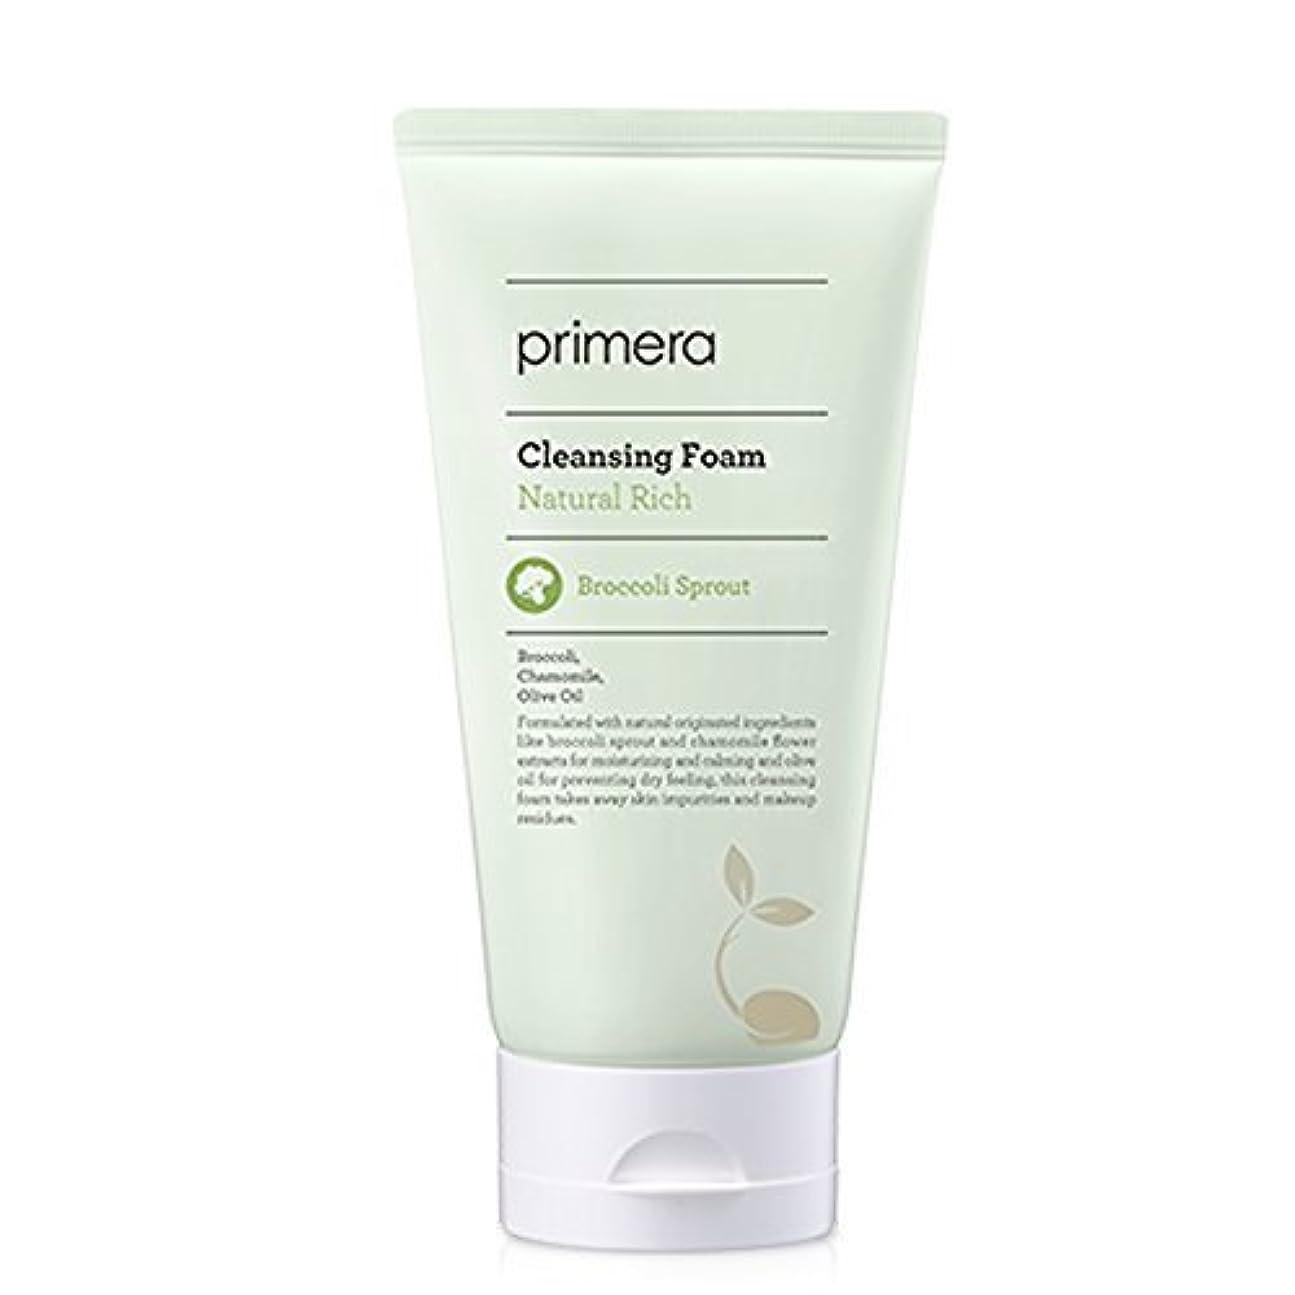 ホーム用量援助するPrimera Technology [プリメーラ]自然の豊かなクレンジング フォーム 150 Ml [並行輸入品]